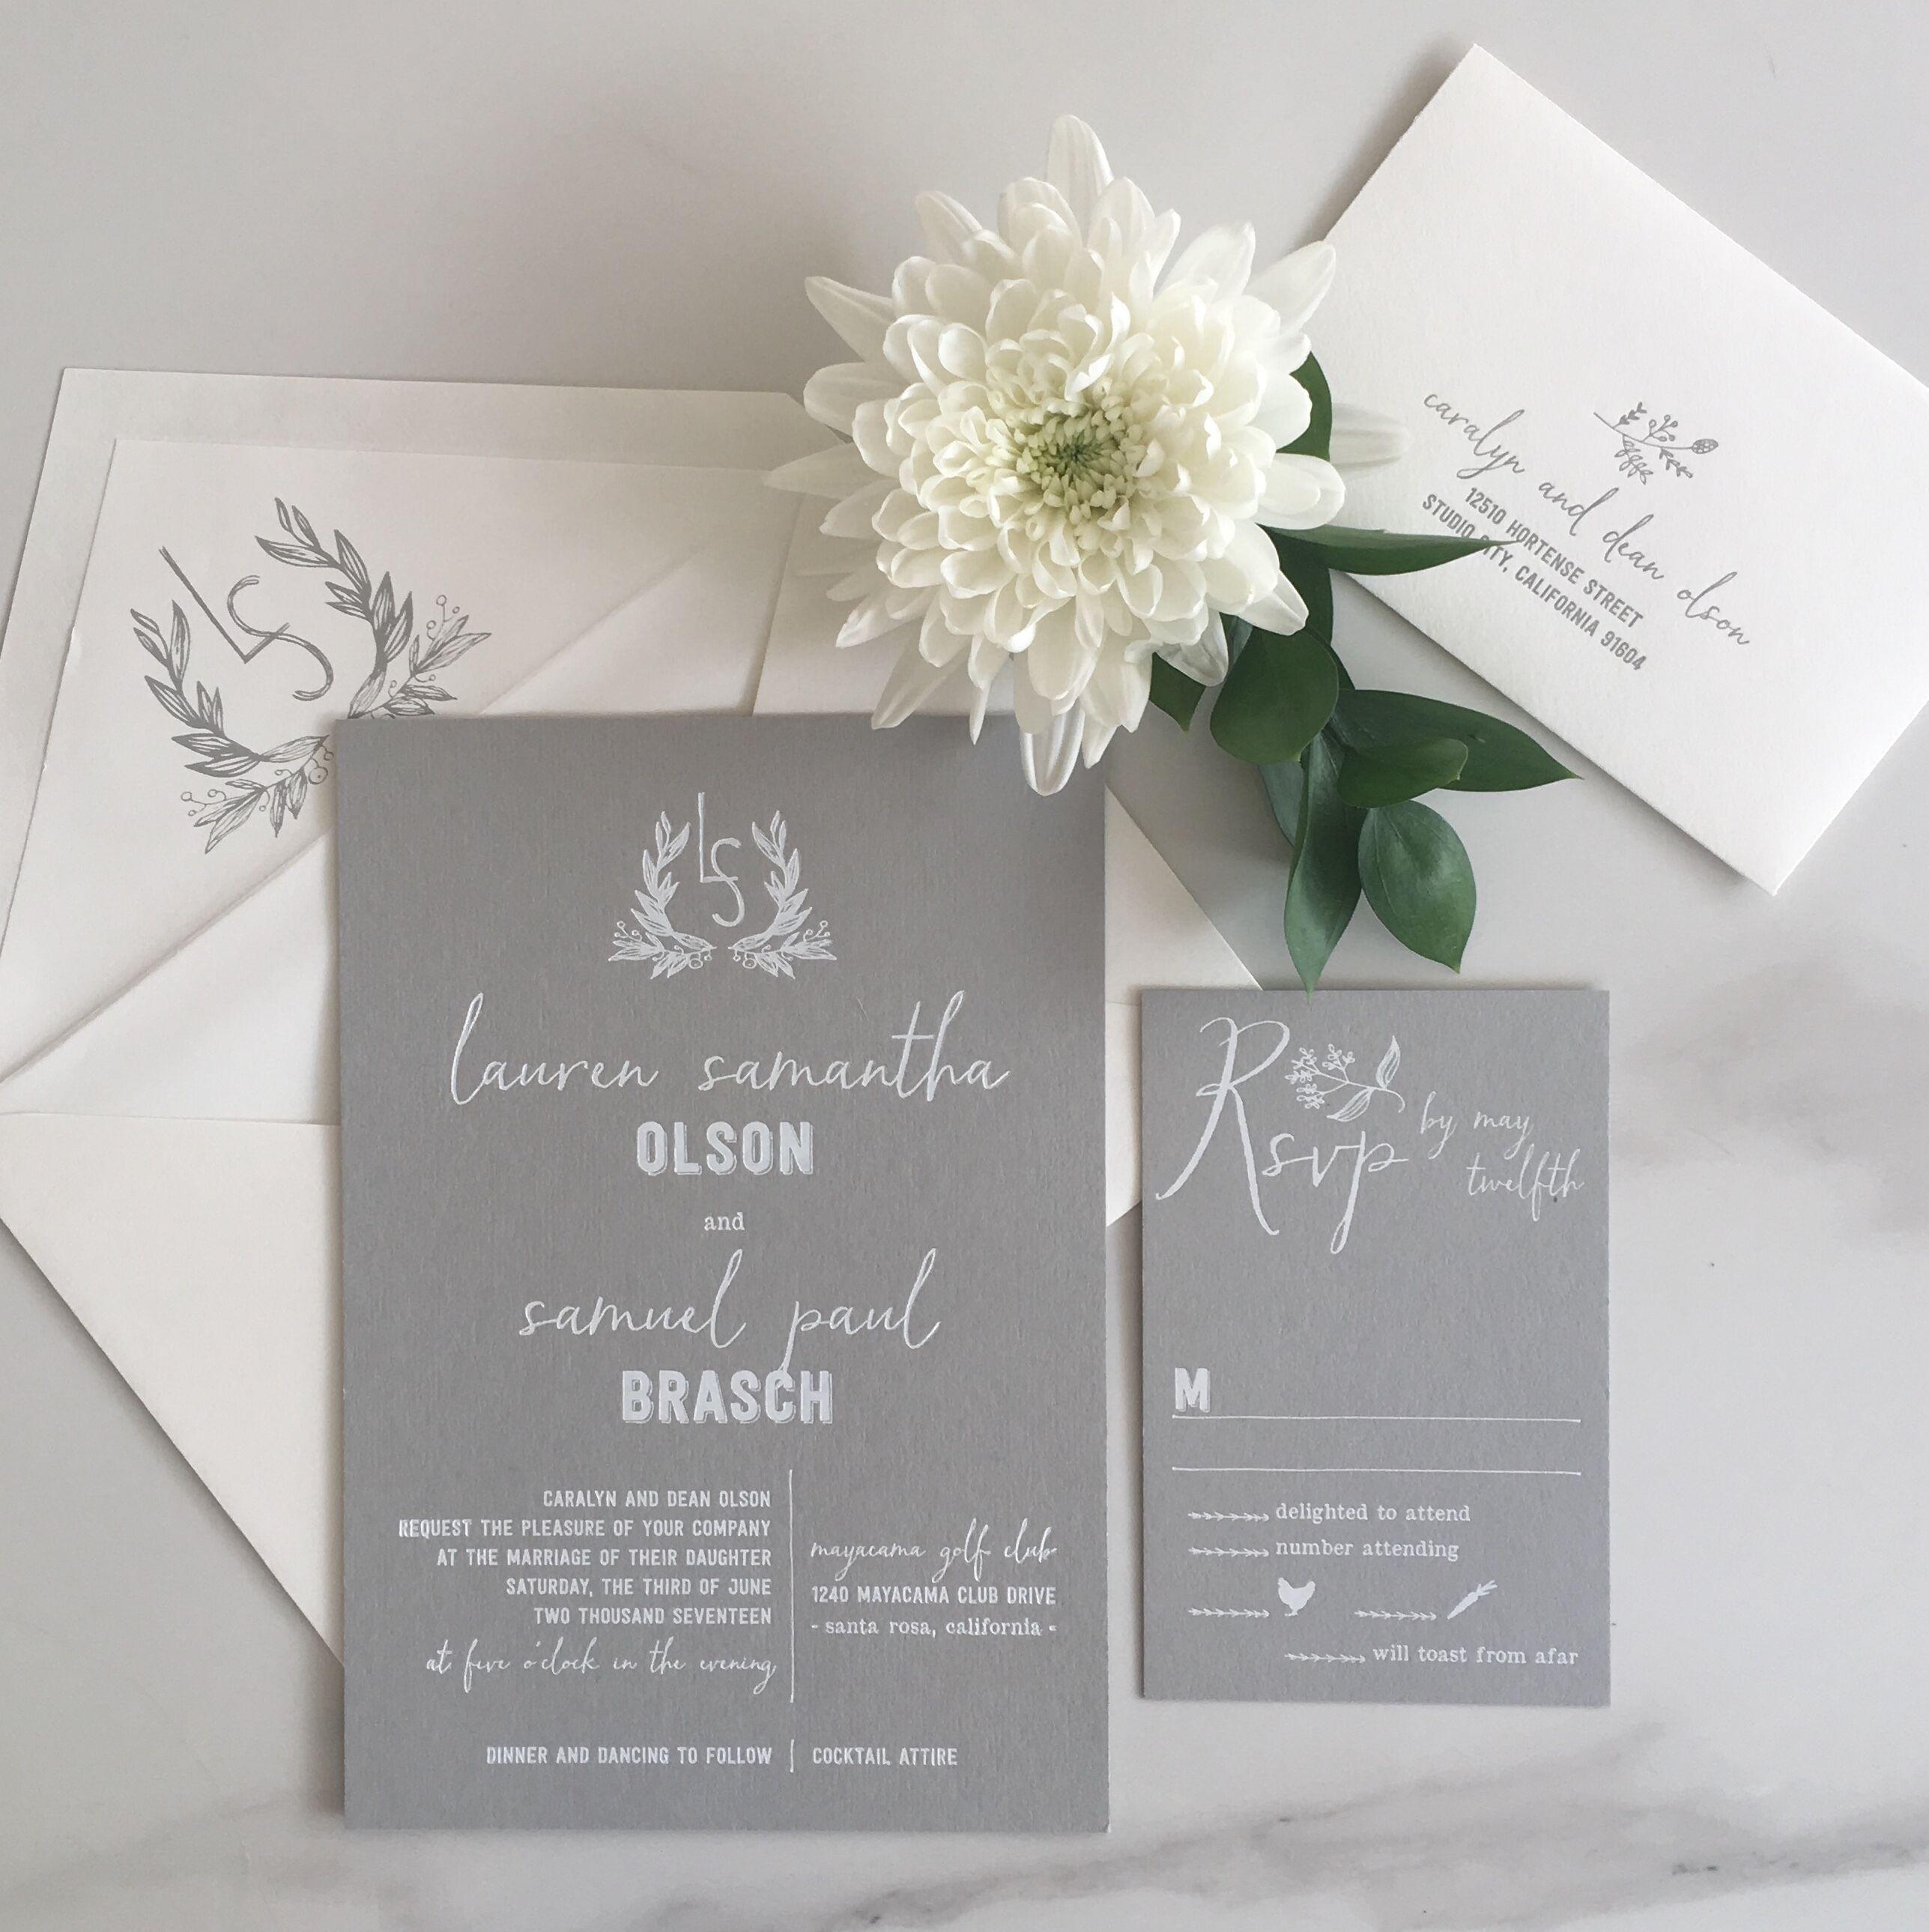 b wedding invitations invitations with unique designs buena